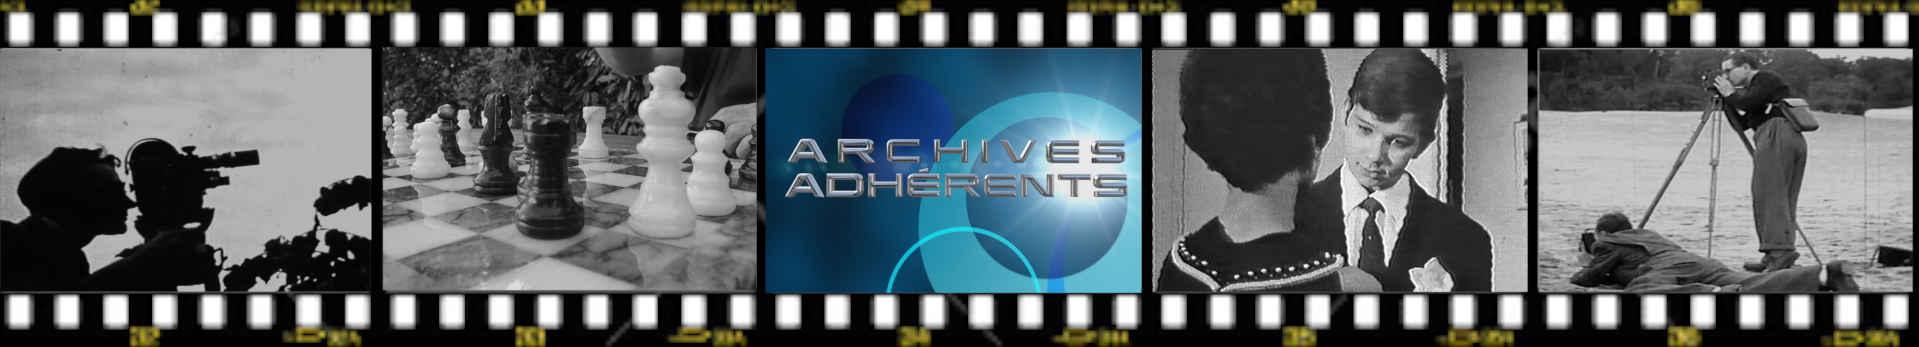 Archives adhérents